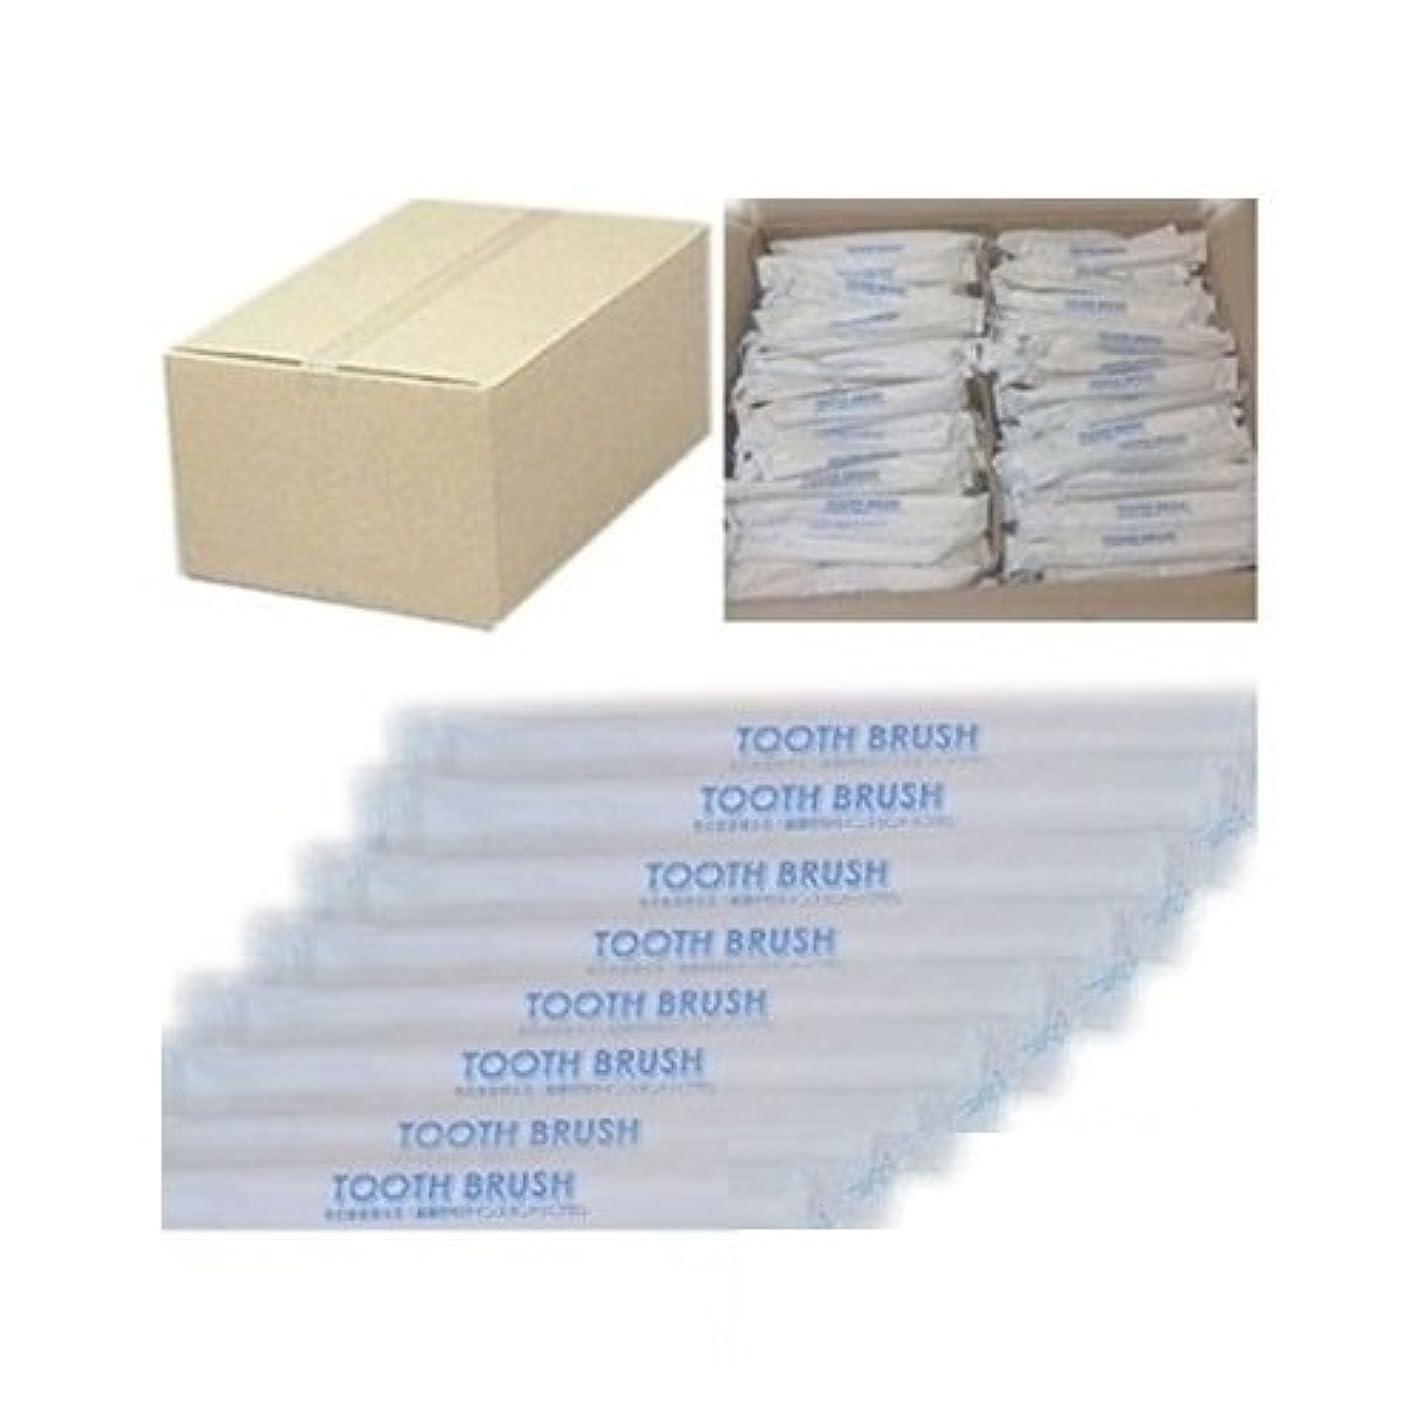 杭割り当てる禁輸業務用 使い捨て(インスタント) 粉付き歯ブラシ(100本組)